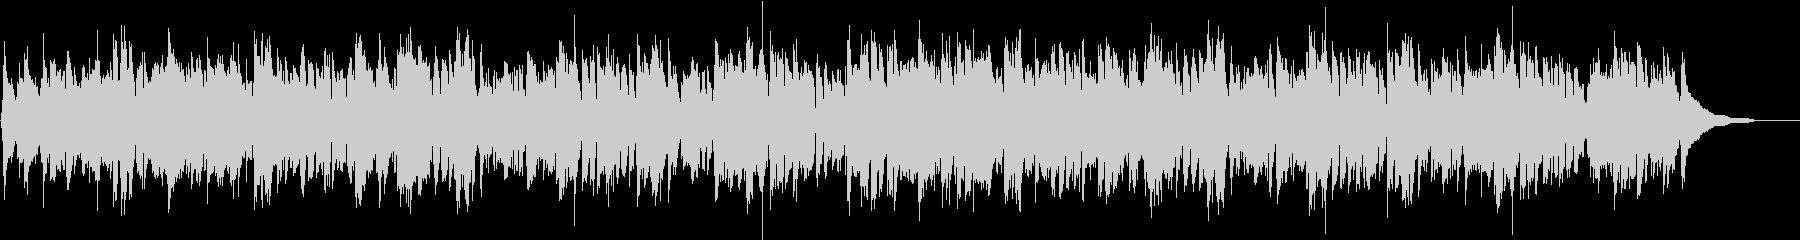 ケルトハープとアコギの穏やかな3拍子の未再生の波形